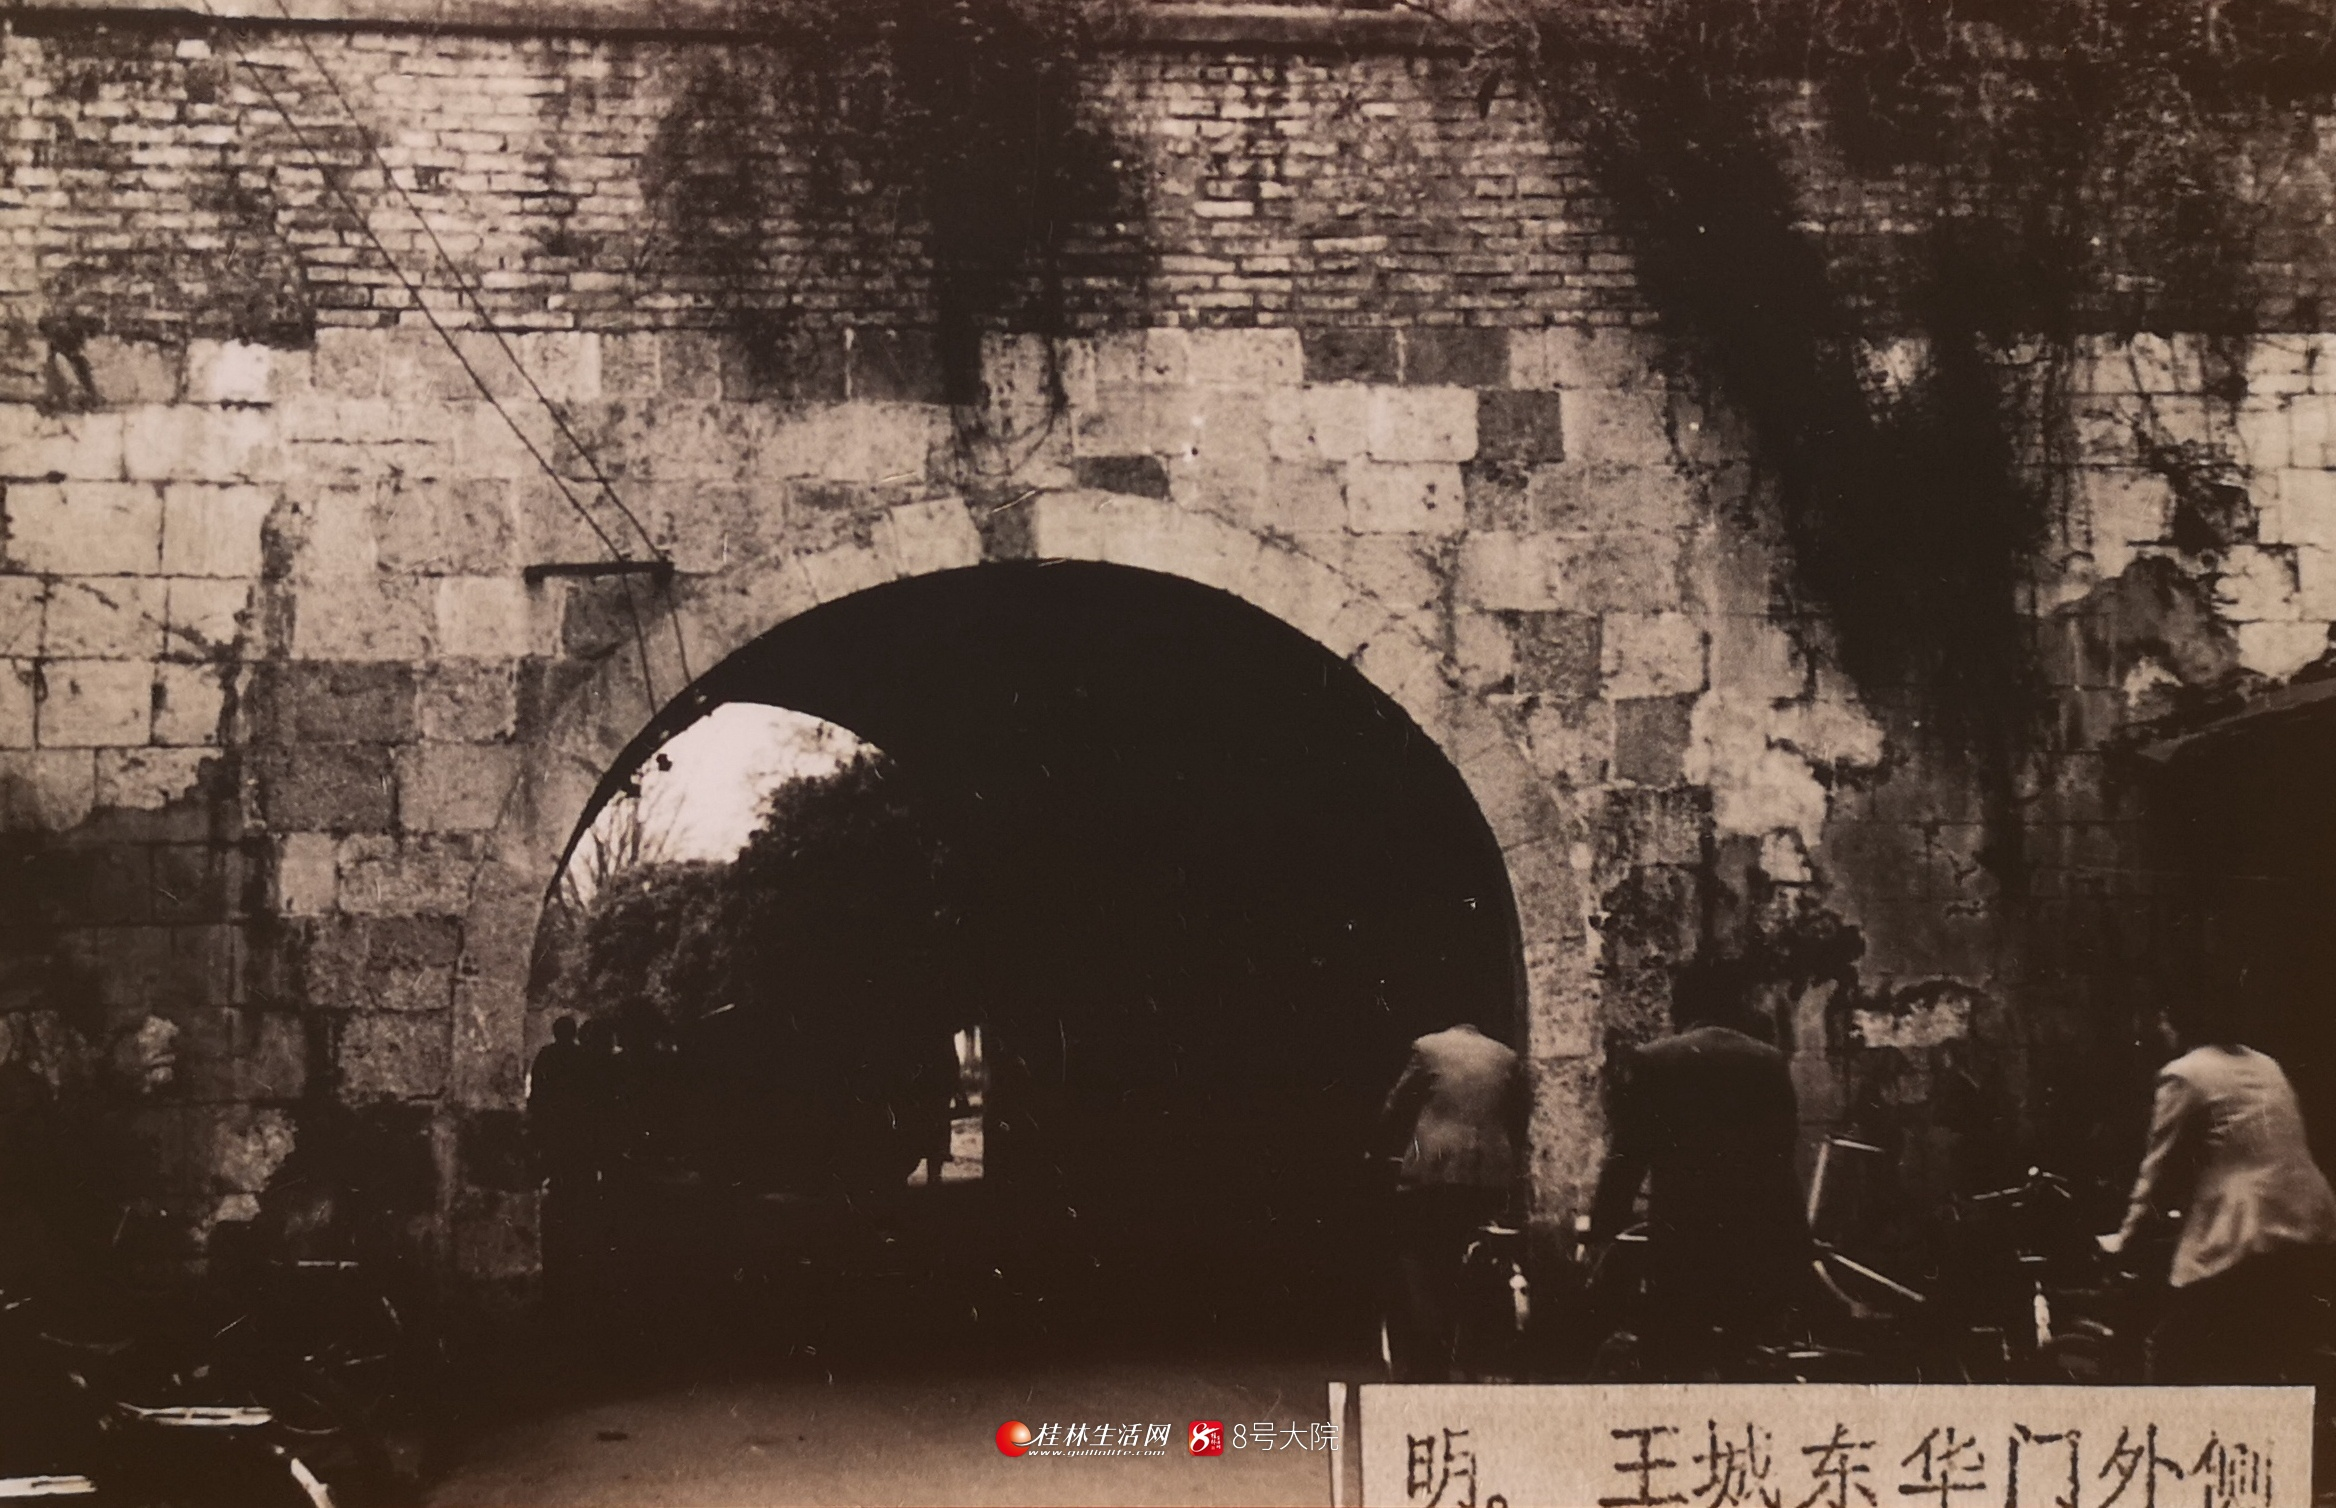 市长发话了!恳请国家发改委同意桂林轨道交通规划正式上报并优先批复